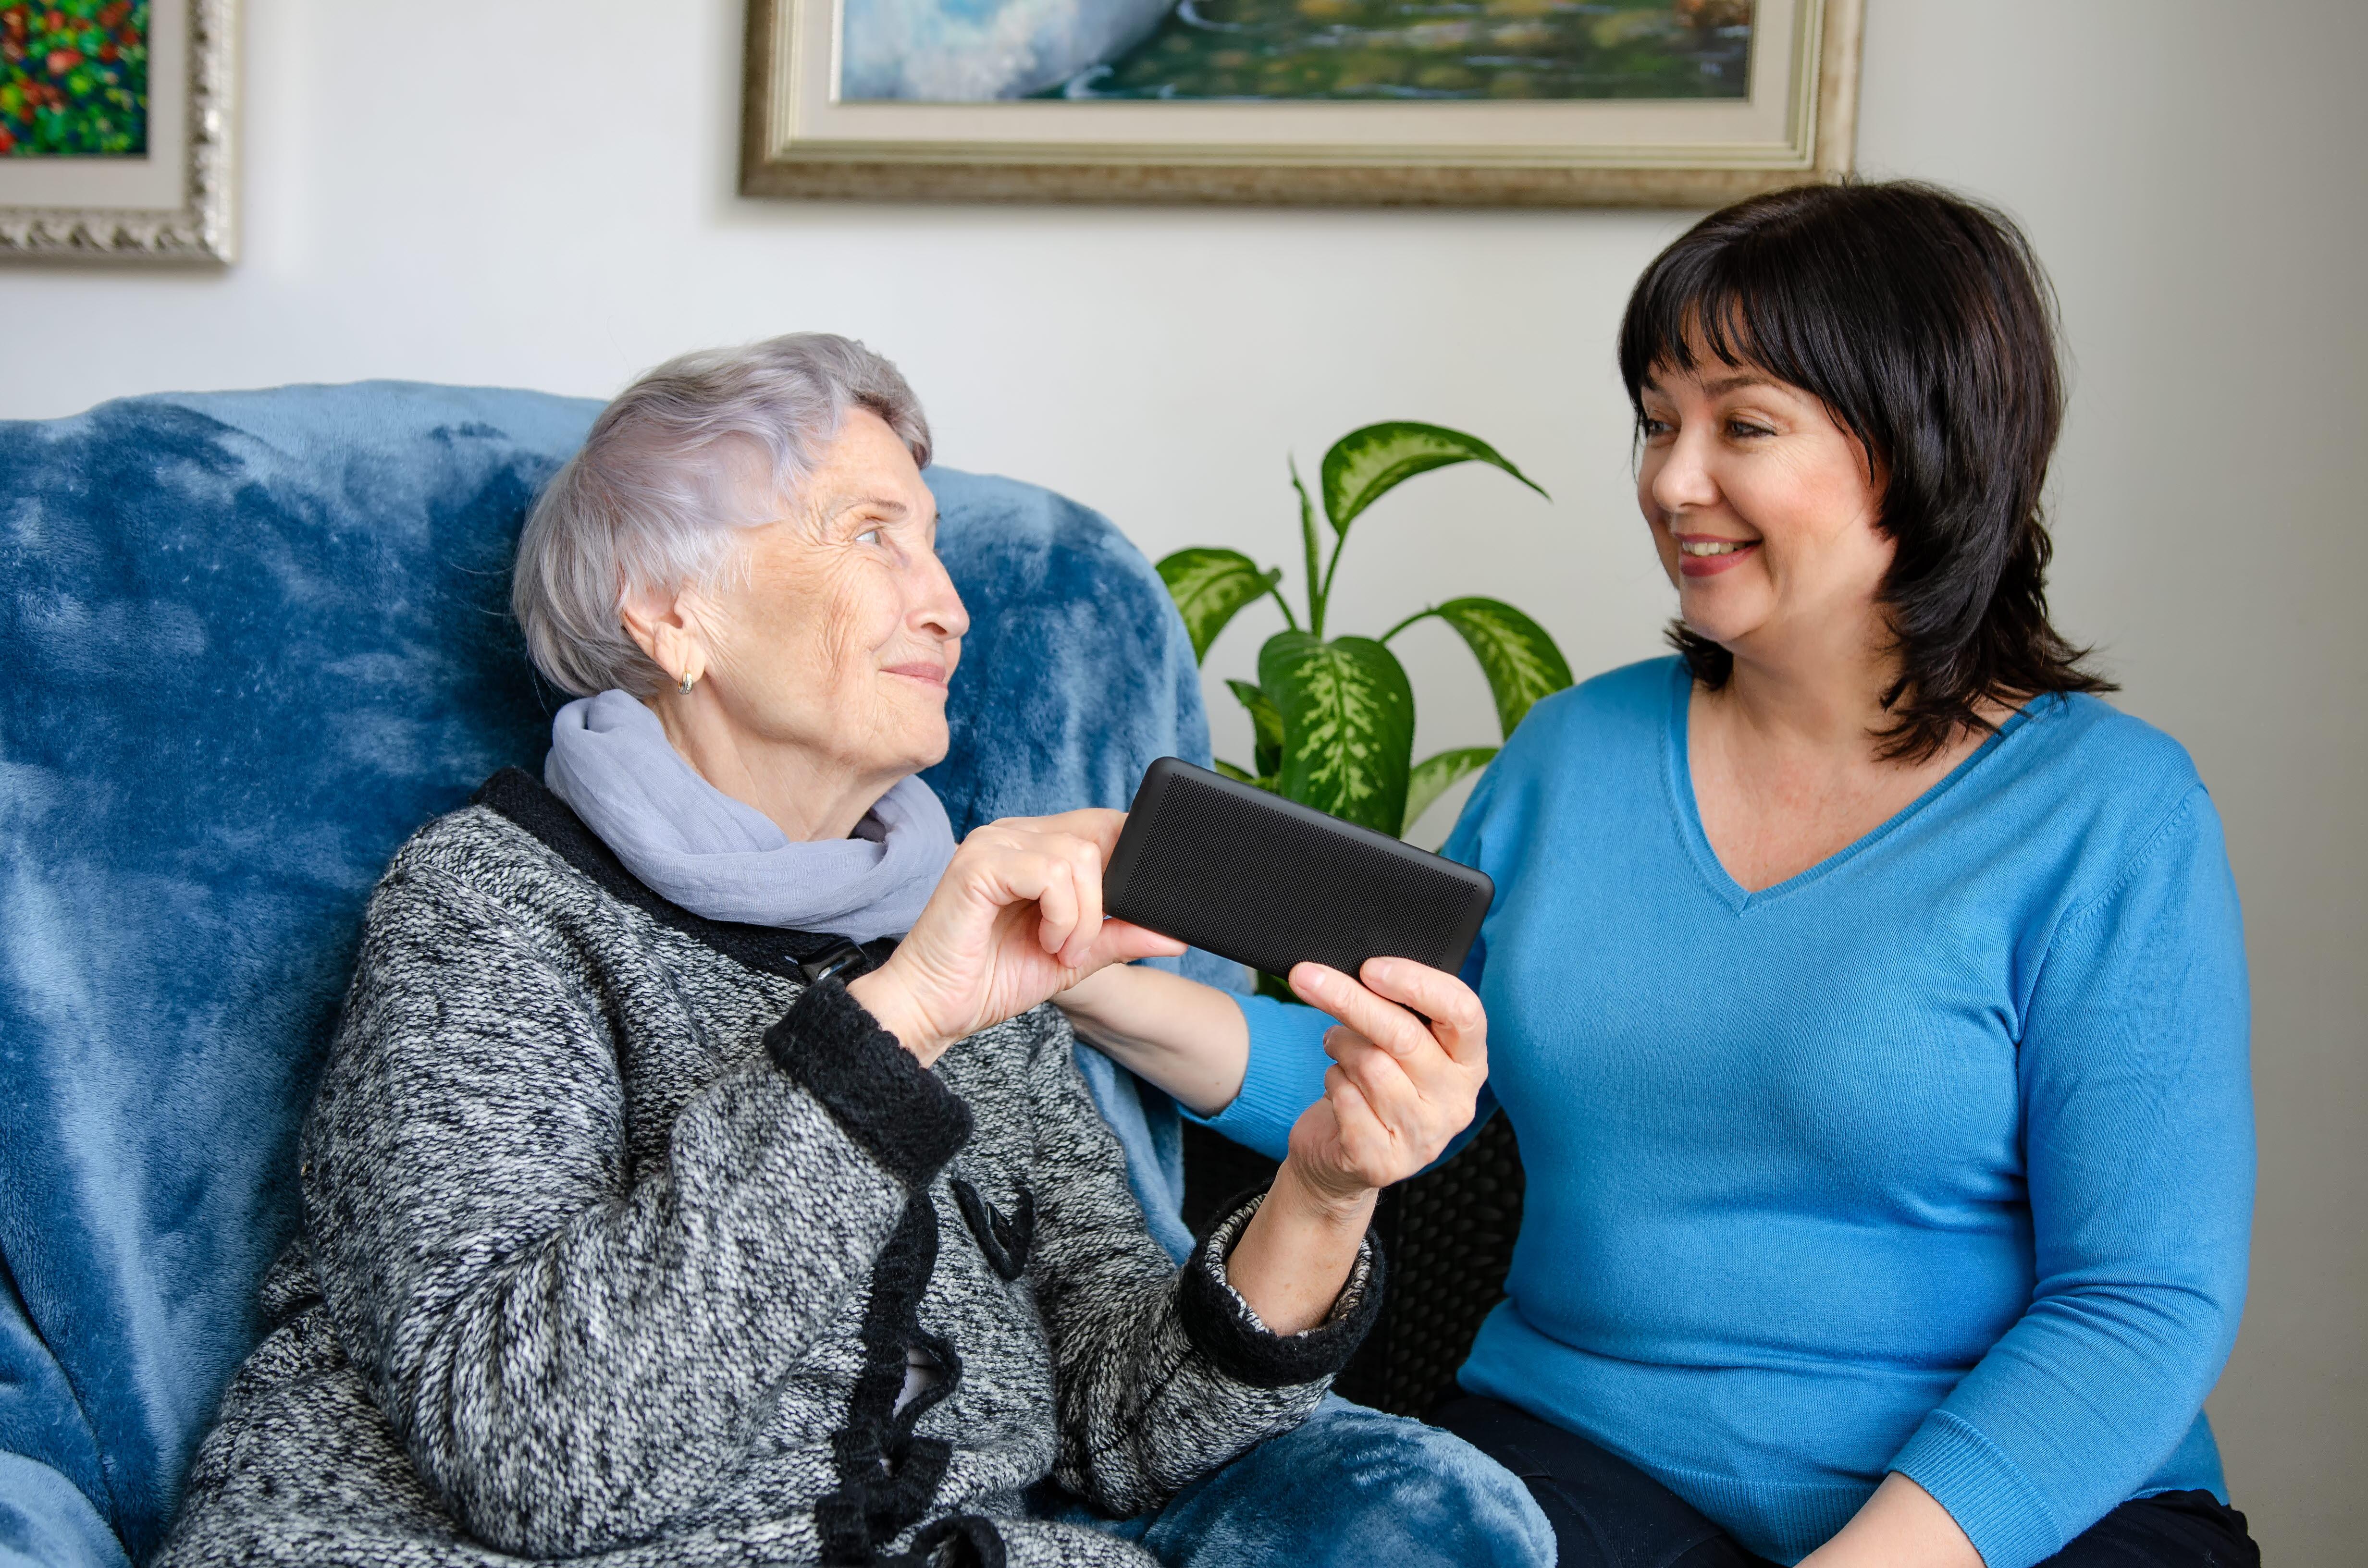 Äldre kvinna använder mobiltelefon